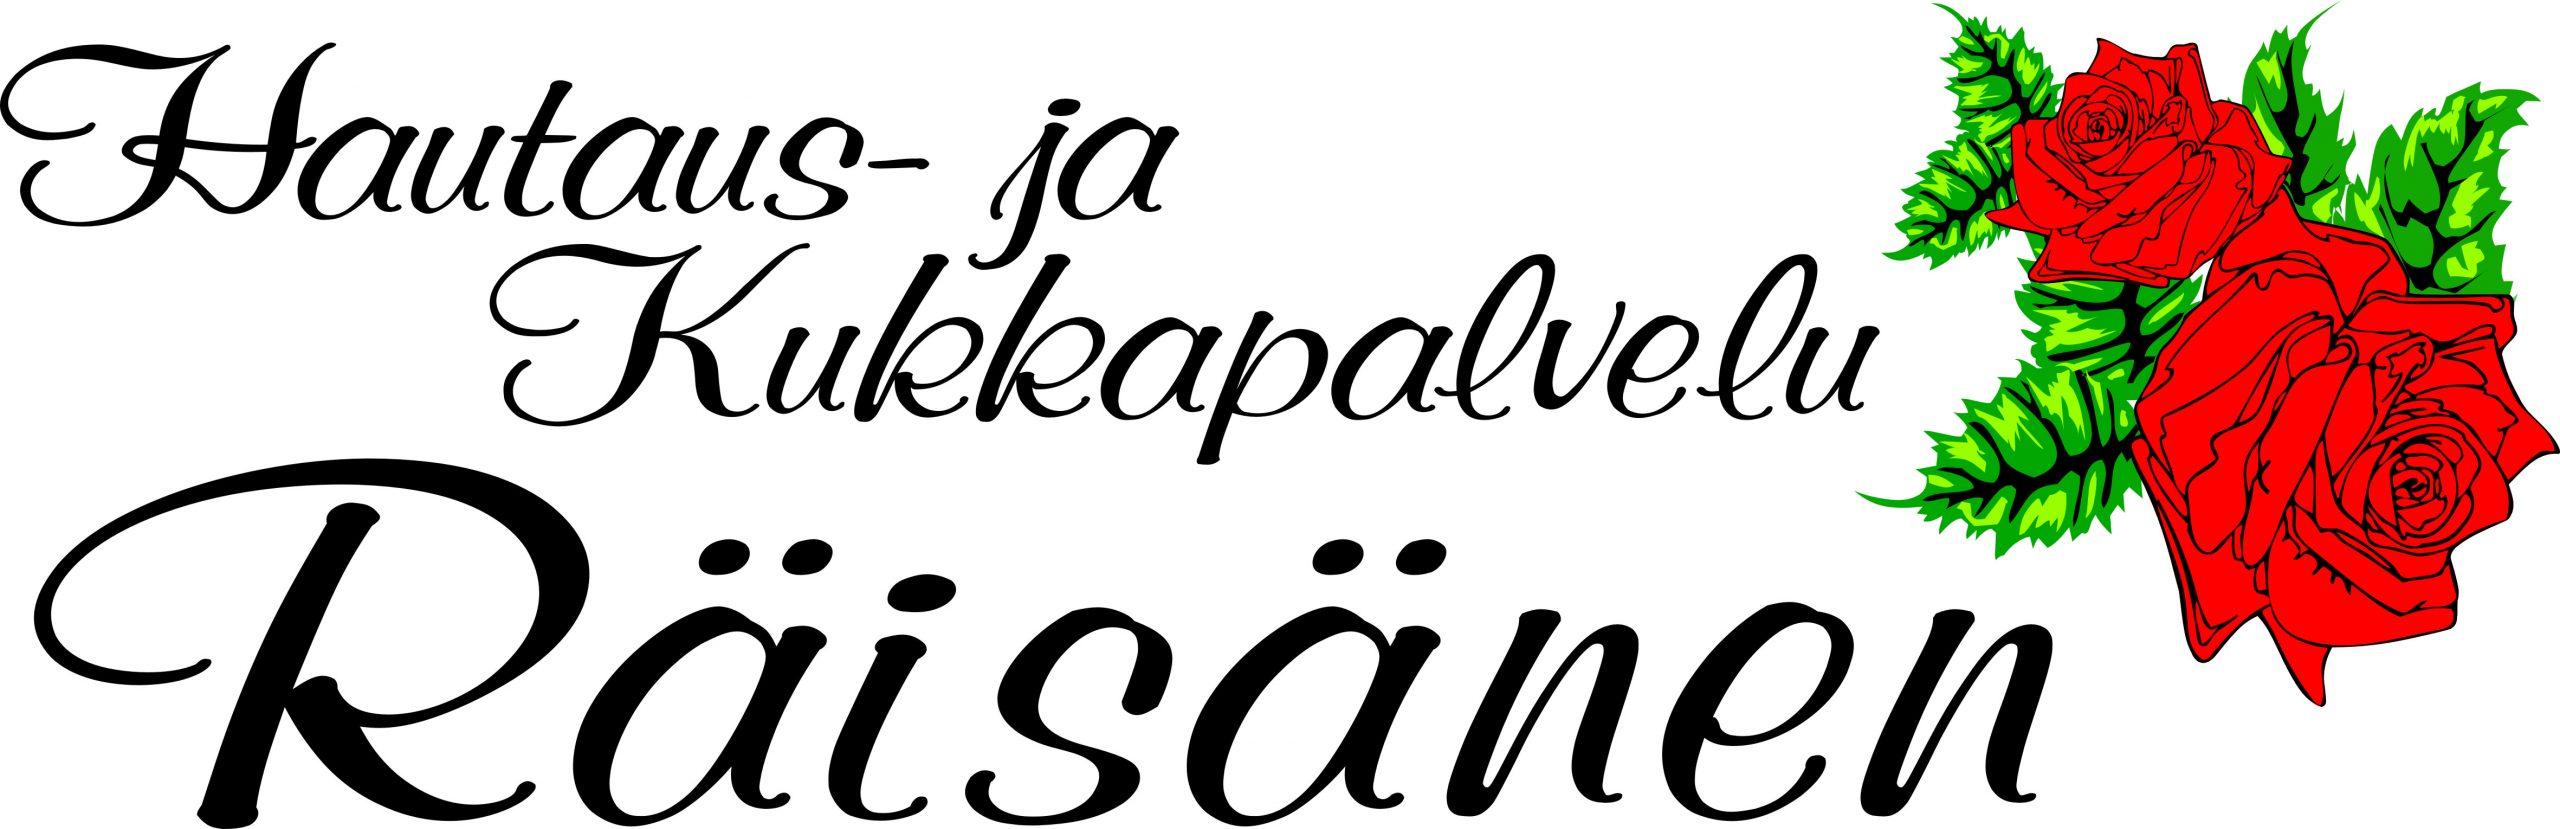 Hautaus-ja-Kukkapalvelu-Räisänen-logo59591-scaled